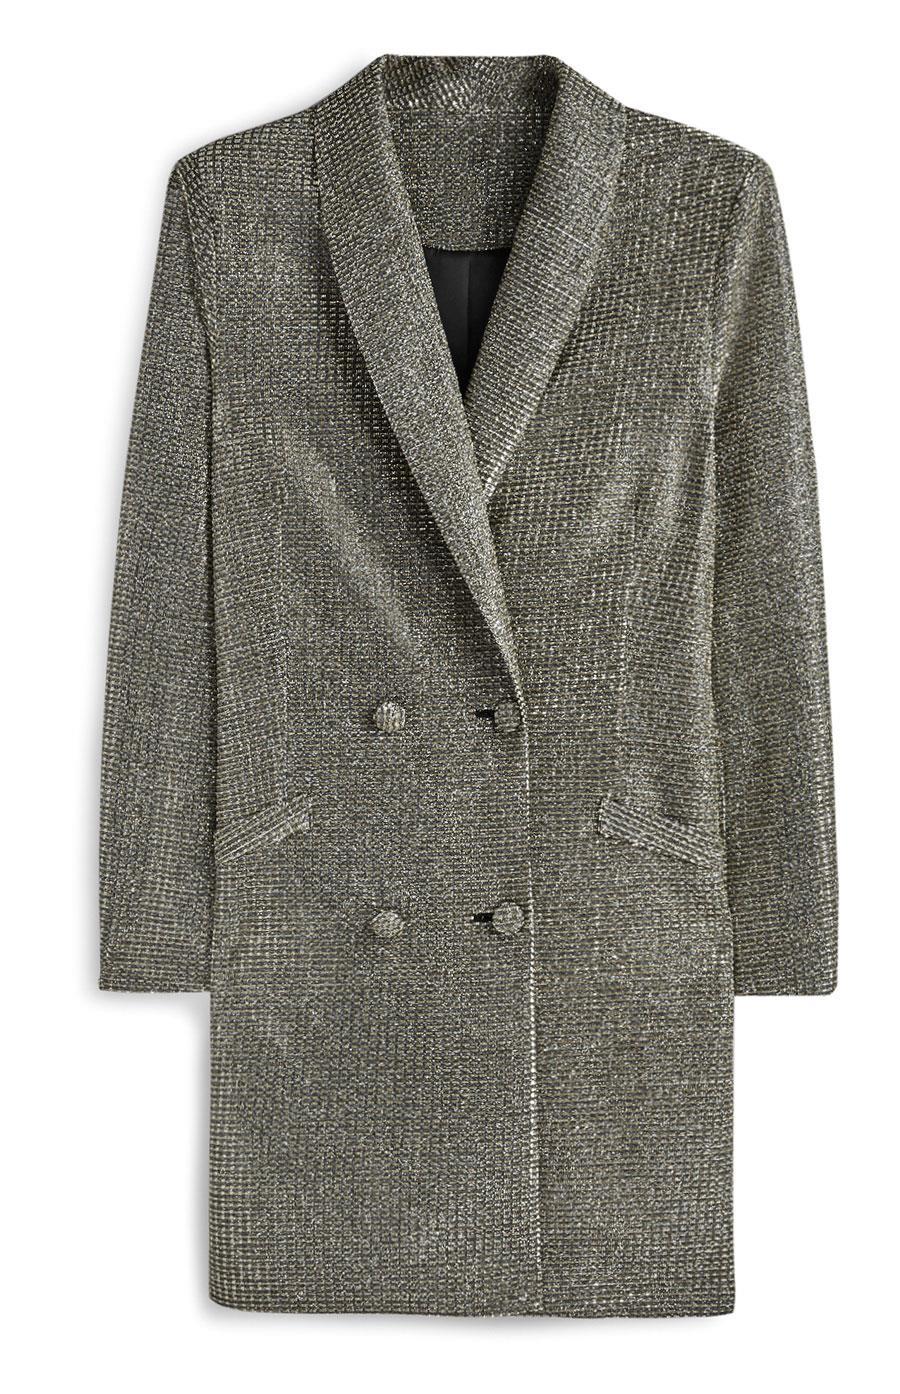 https://www.instyle.es/medio/2019/11/19/vestido-blazer-primark-%E2%82%AC35_a4146574_900x1394.jpg